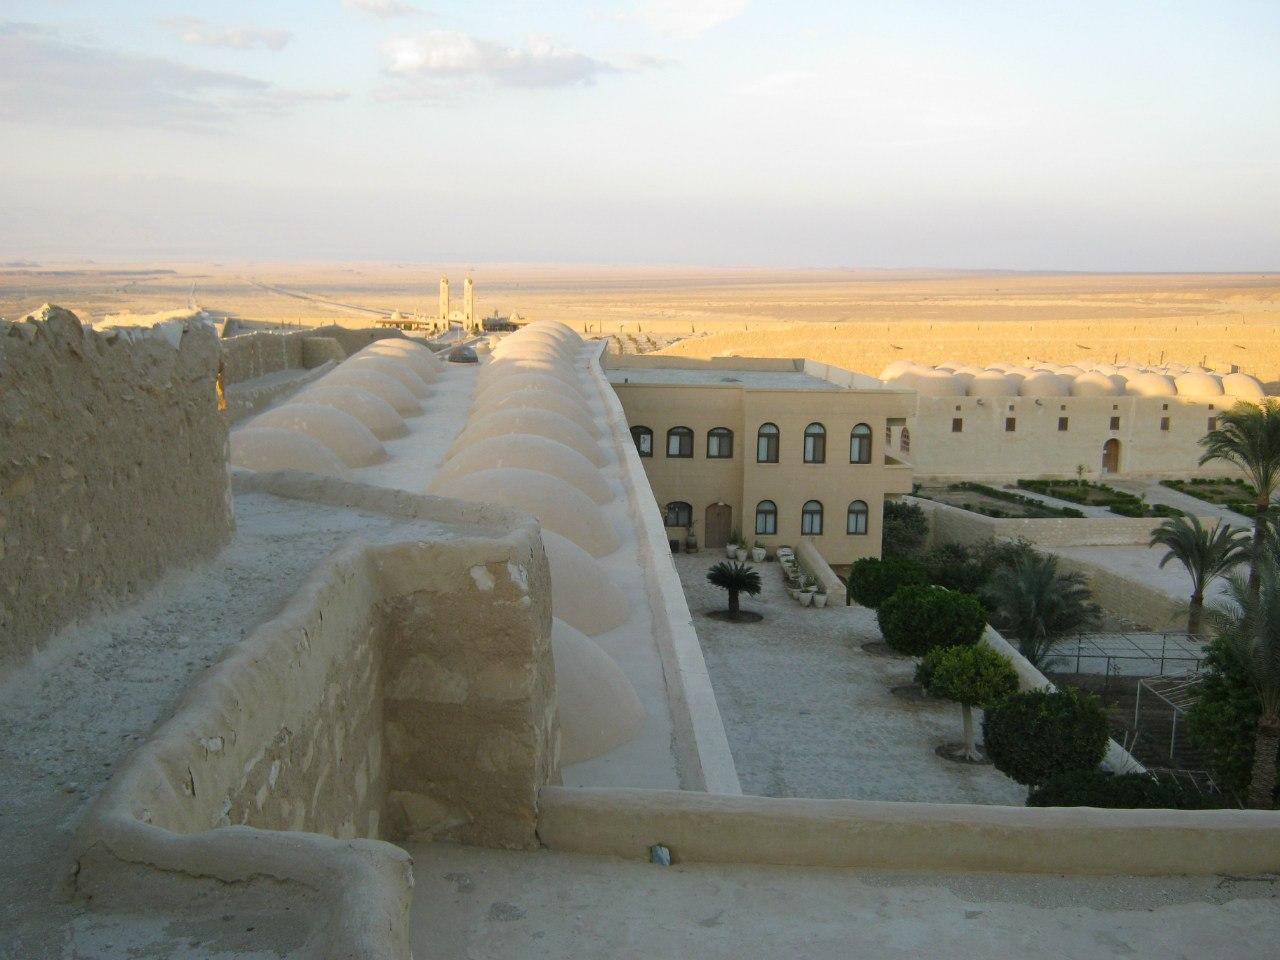 коптский православный монастырь в Египте